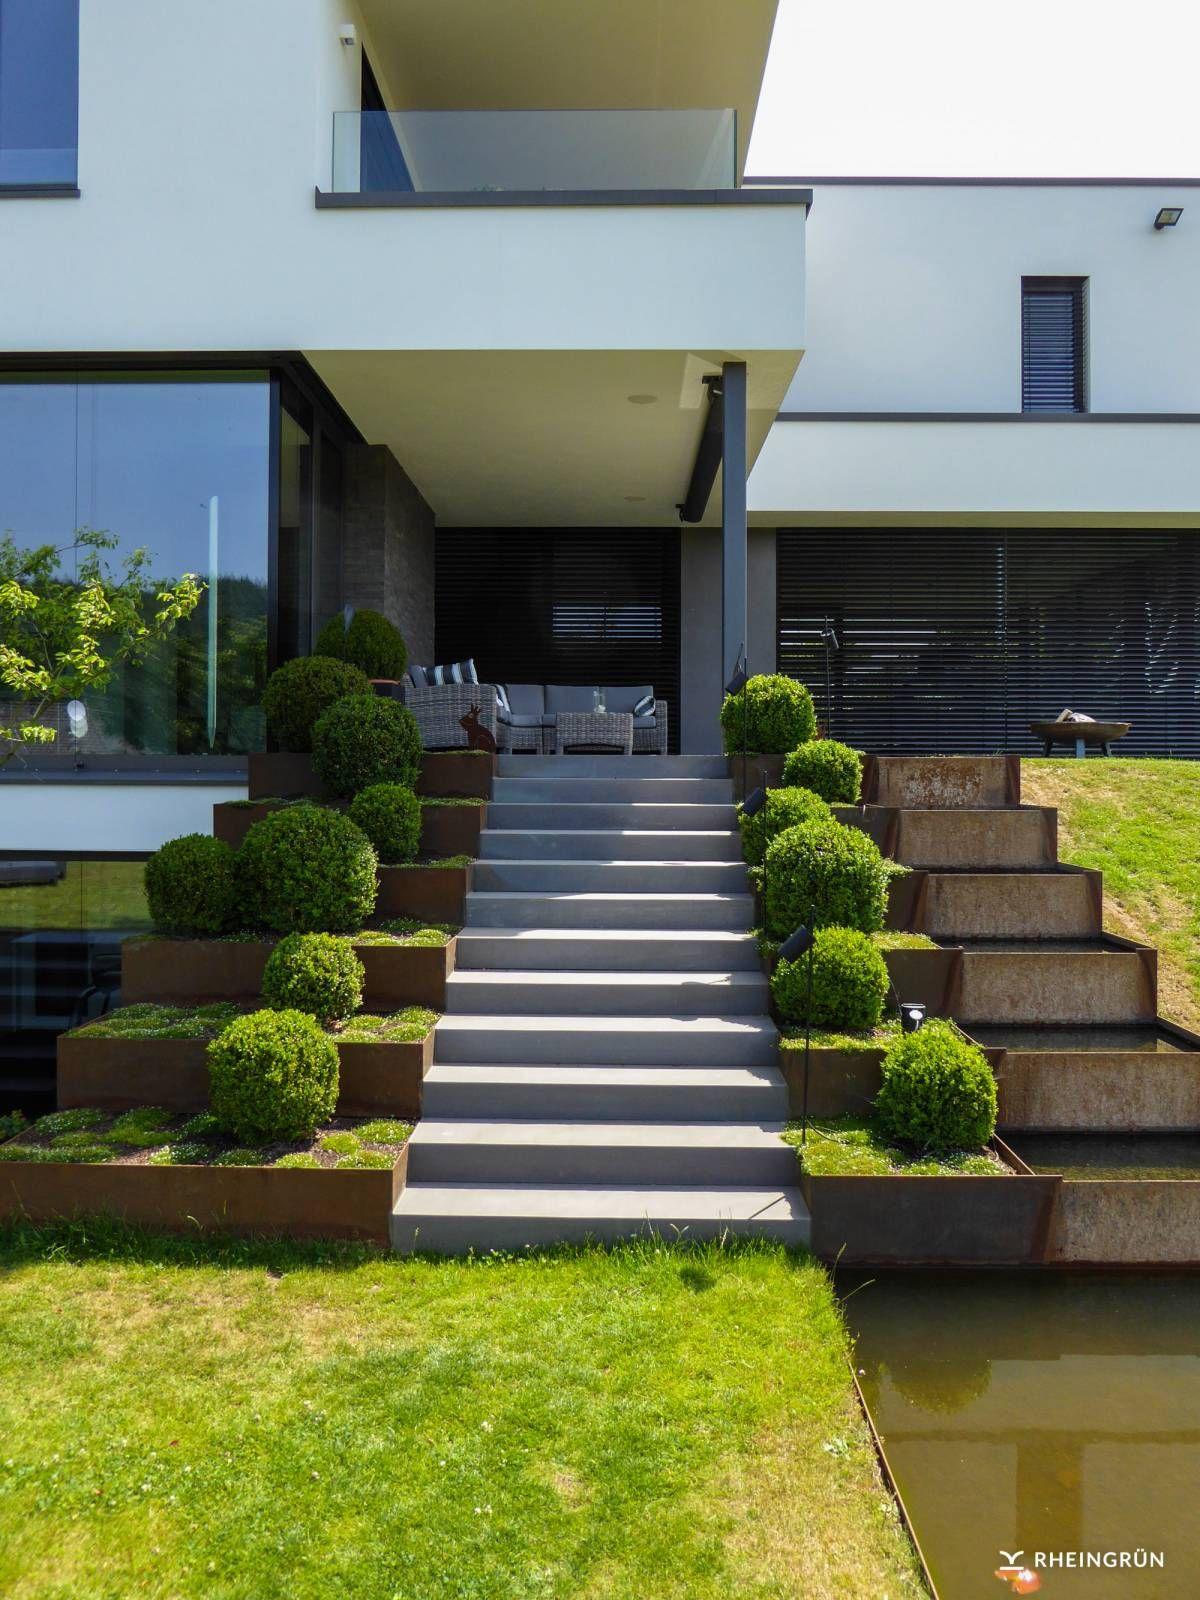 Attractive Gartengestaltung Hang The Best Of Minimalistische Am Mit Wasserbecken Aus Cortenstahl Und